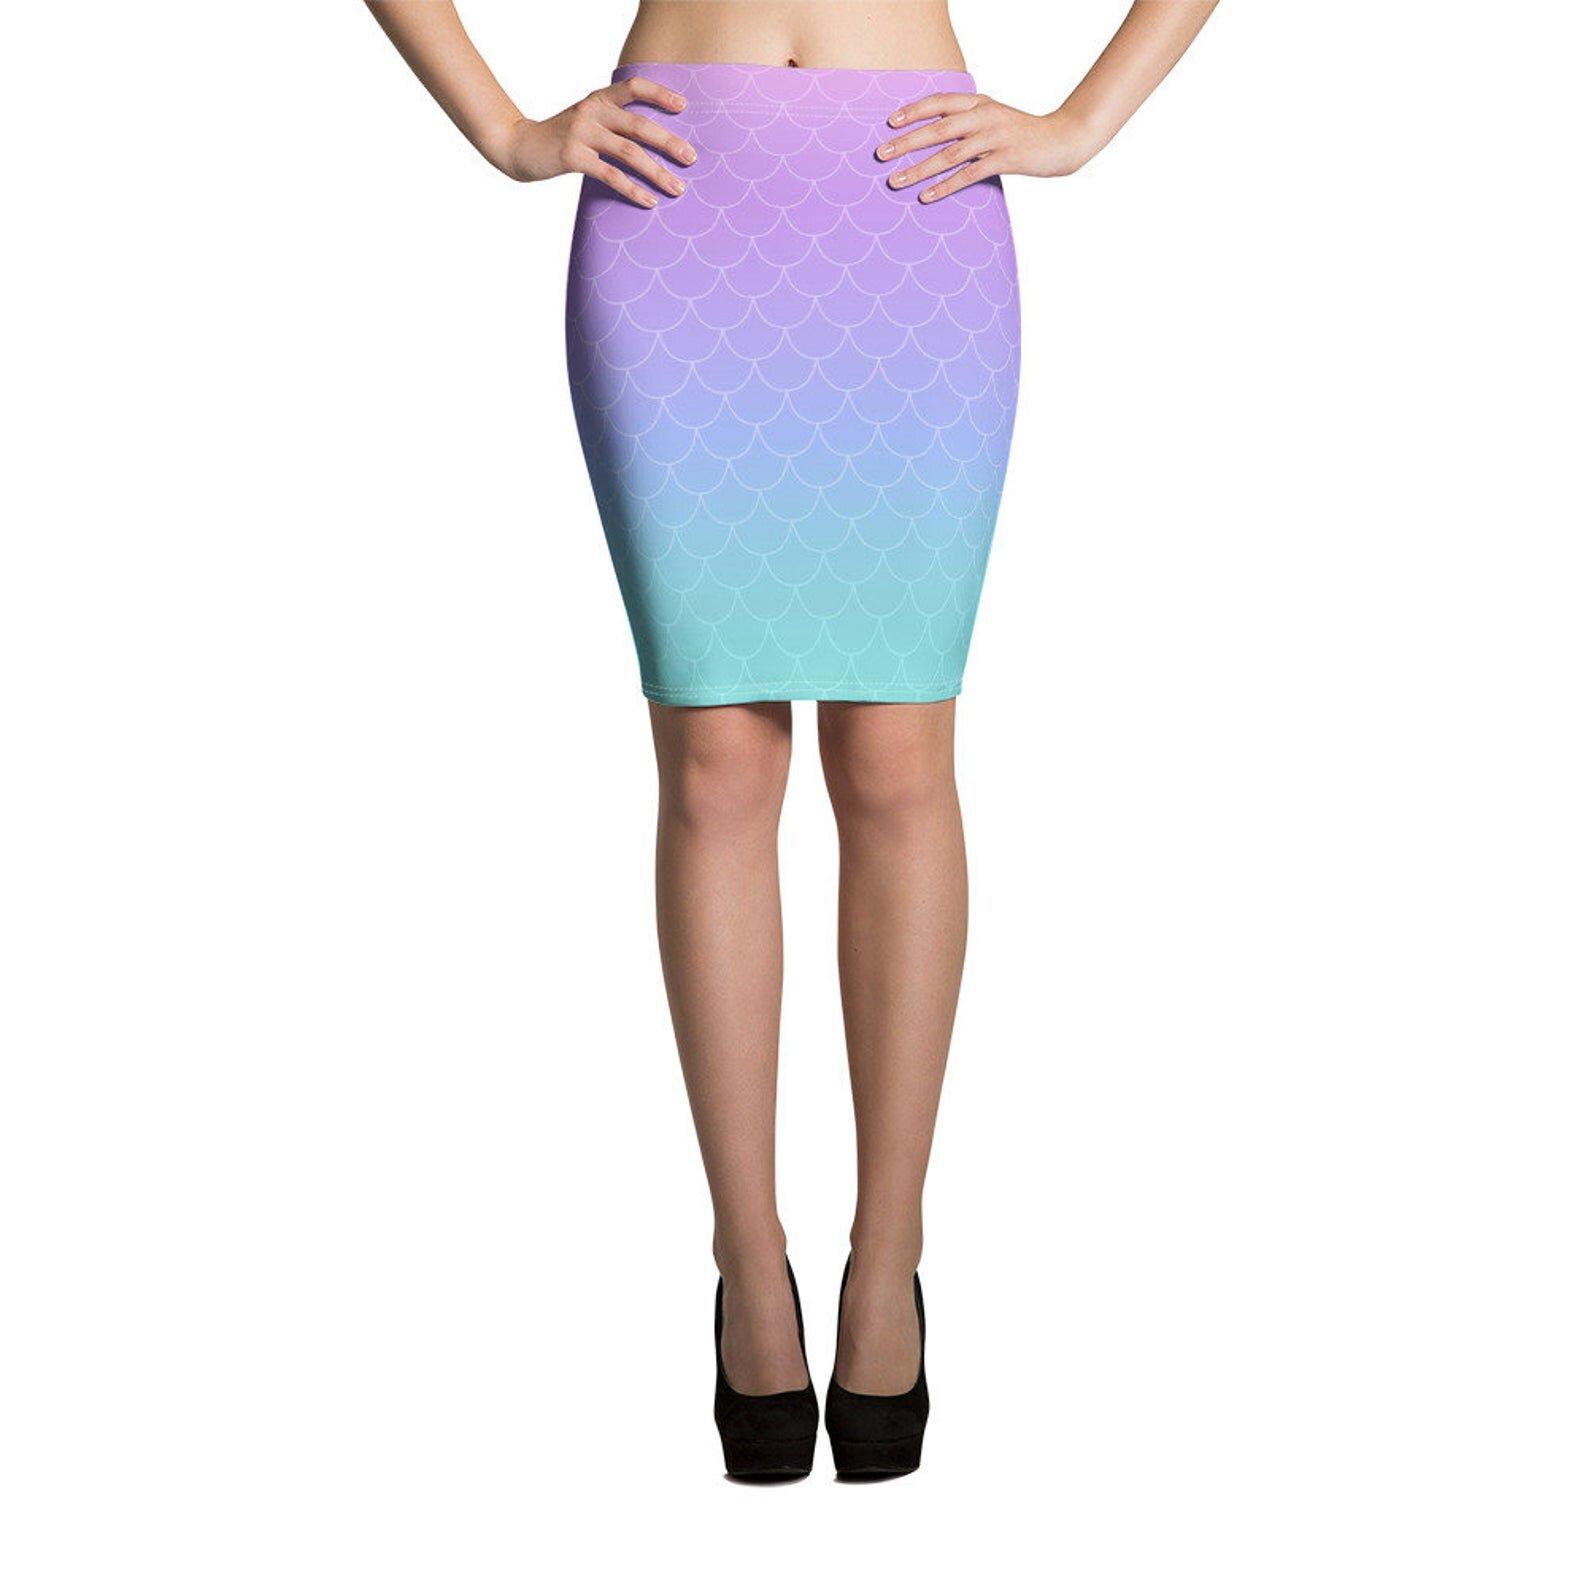 mermaid-skirt.jpg